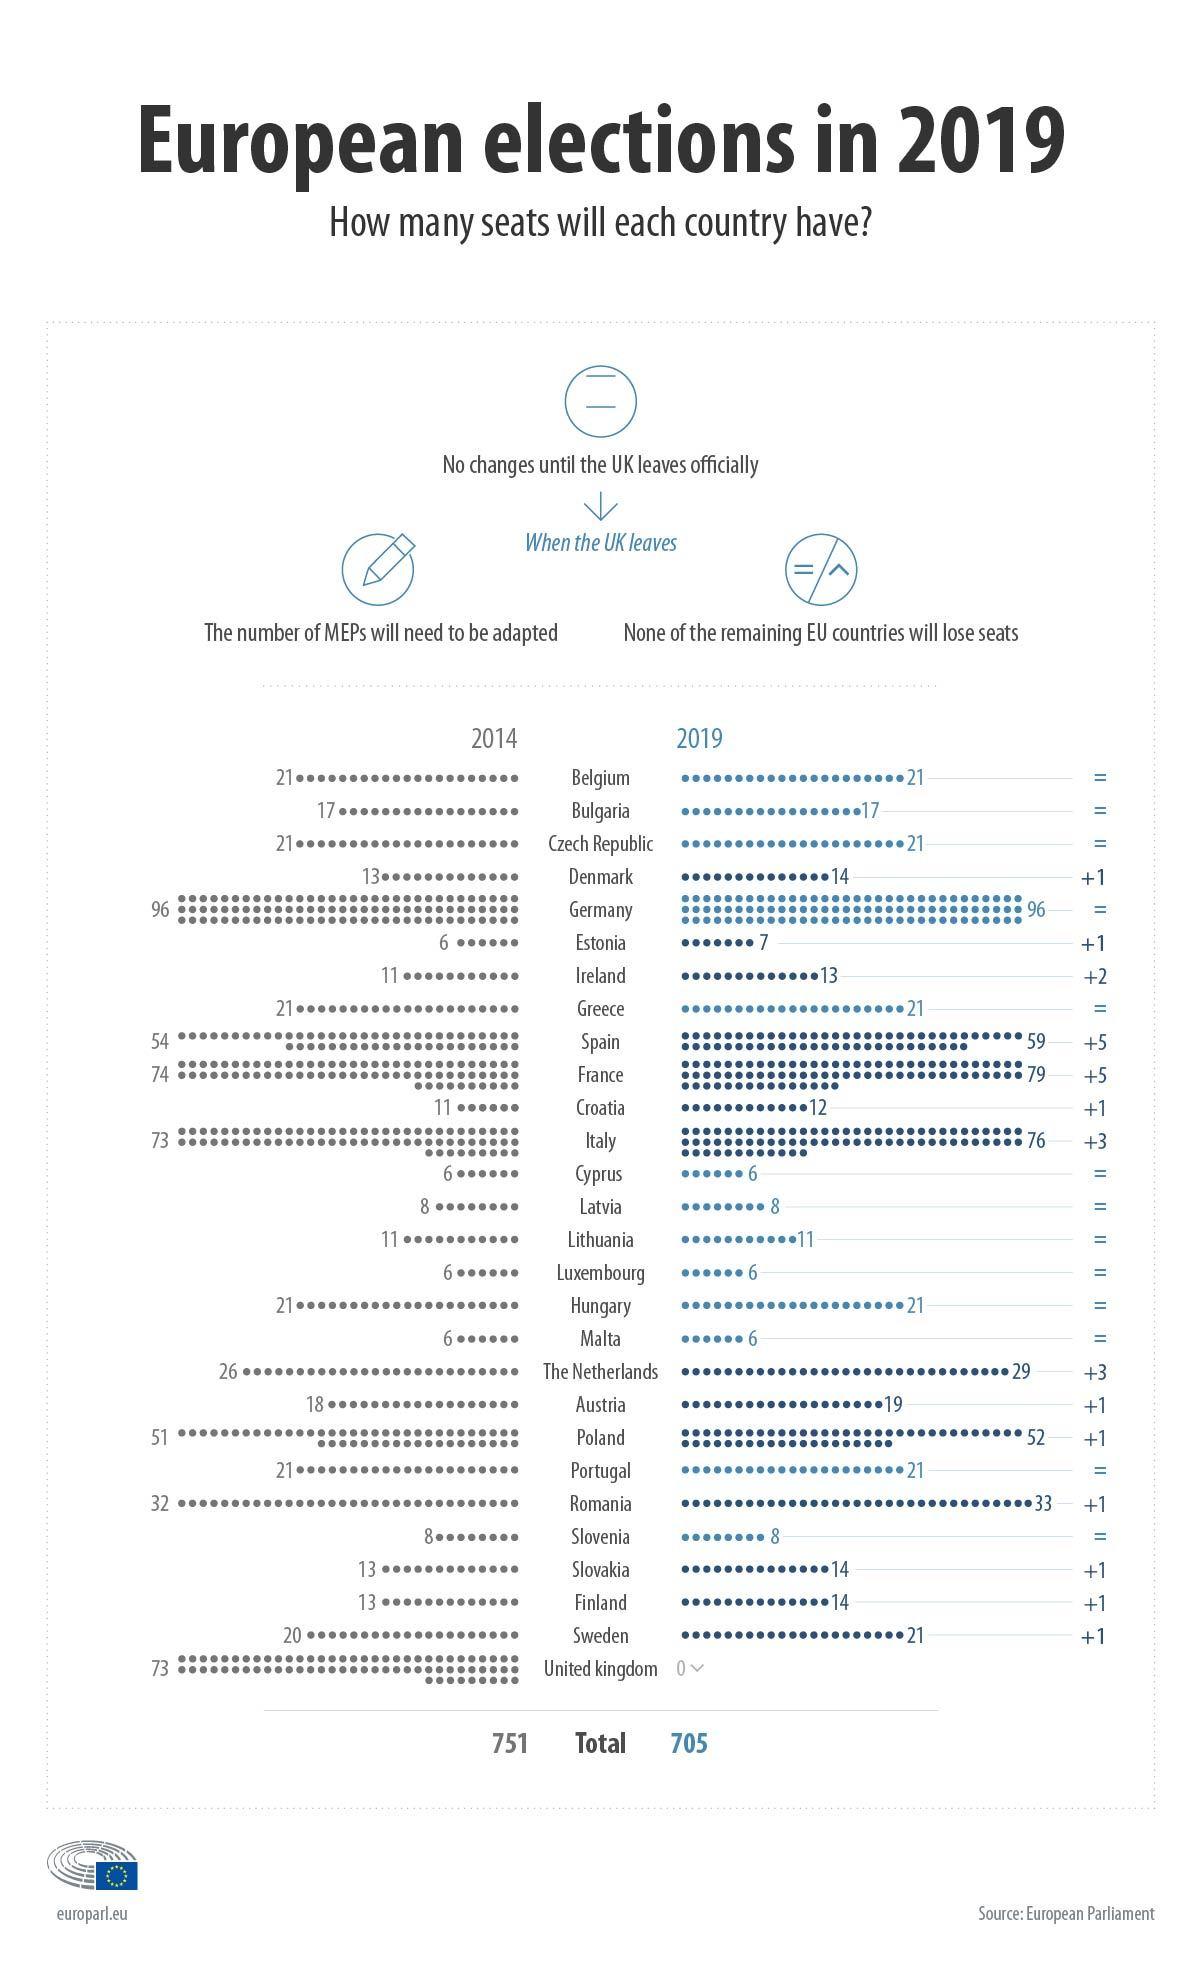 Rozdanie miejsc w Euparlamencie